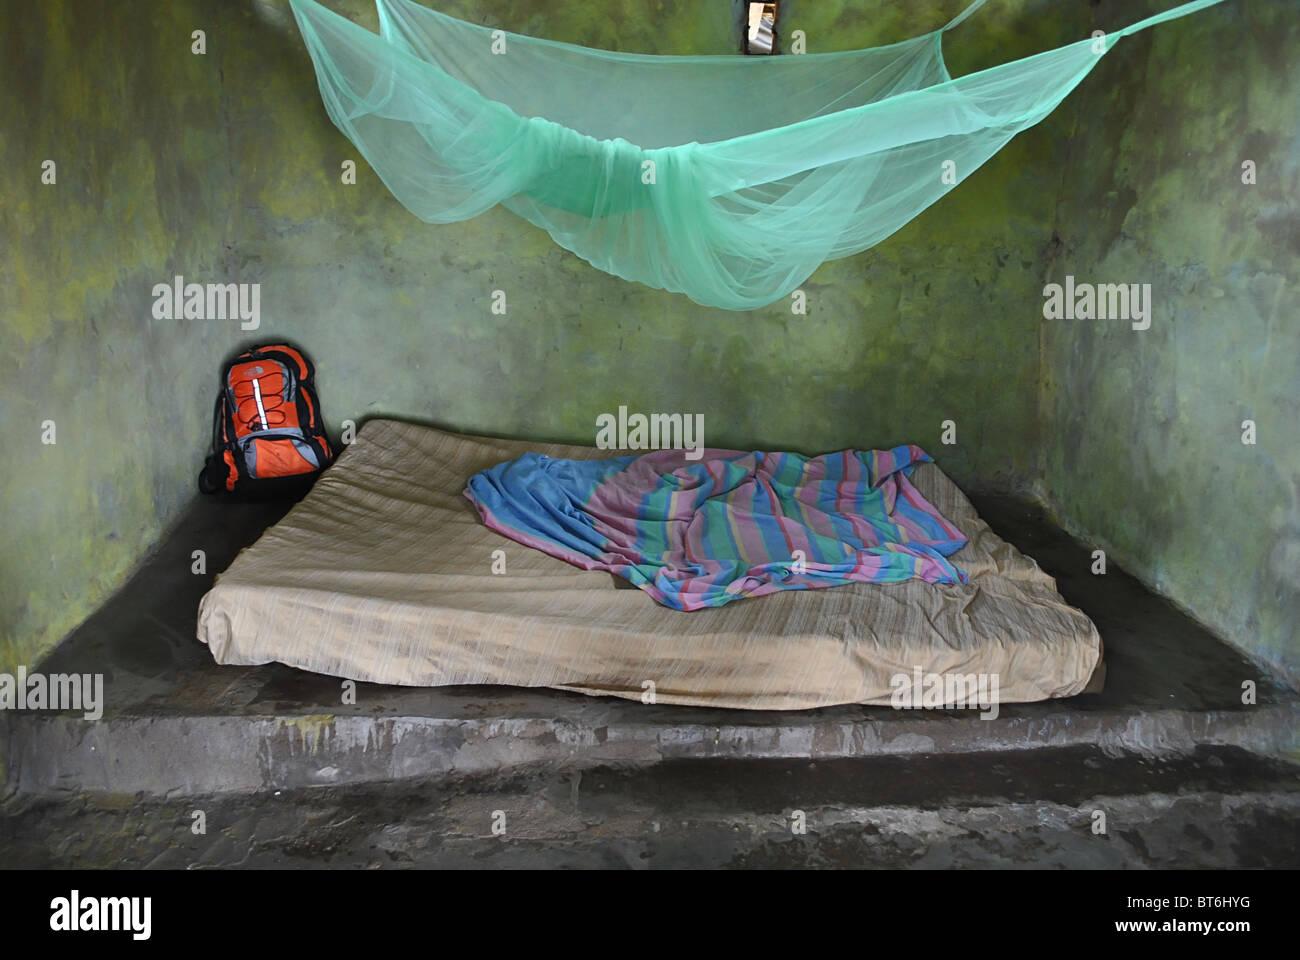 Basic guest house accommodation near Sassandra, Ivory Coast, West Africa - Stock Image